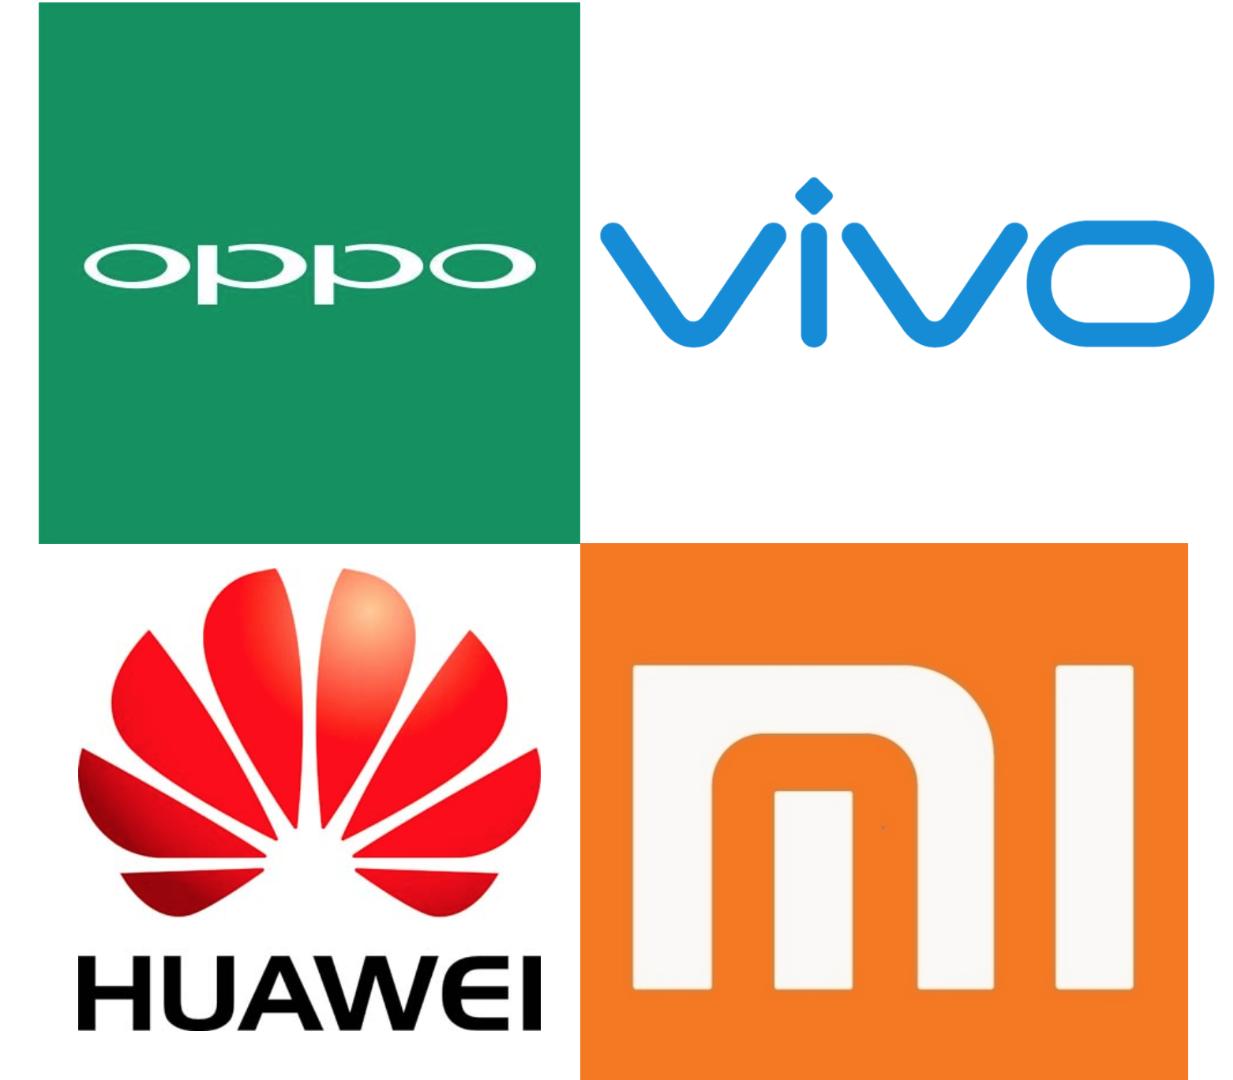 OPPO, vivo,小米,华为:国产四子,谁才是营销老司机